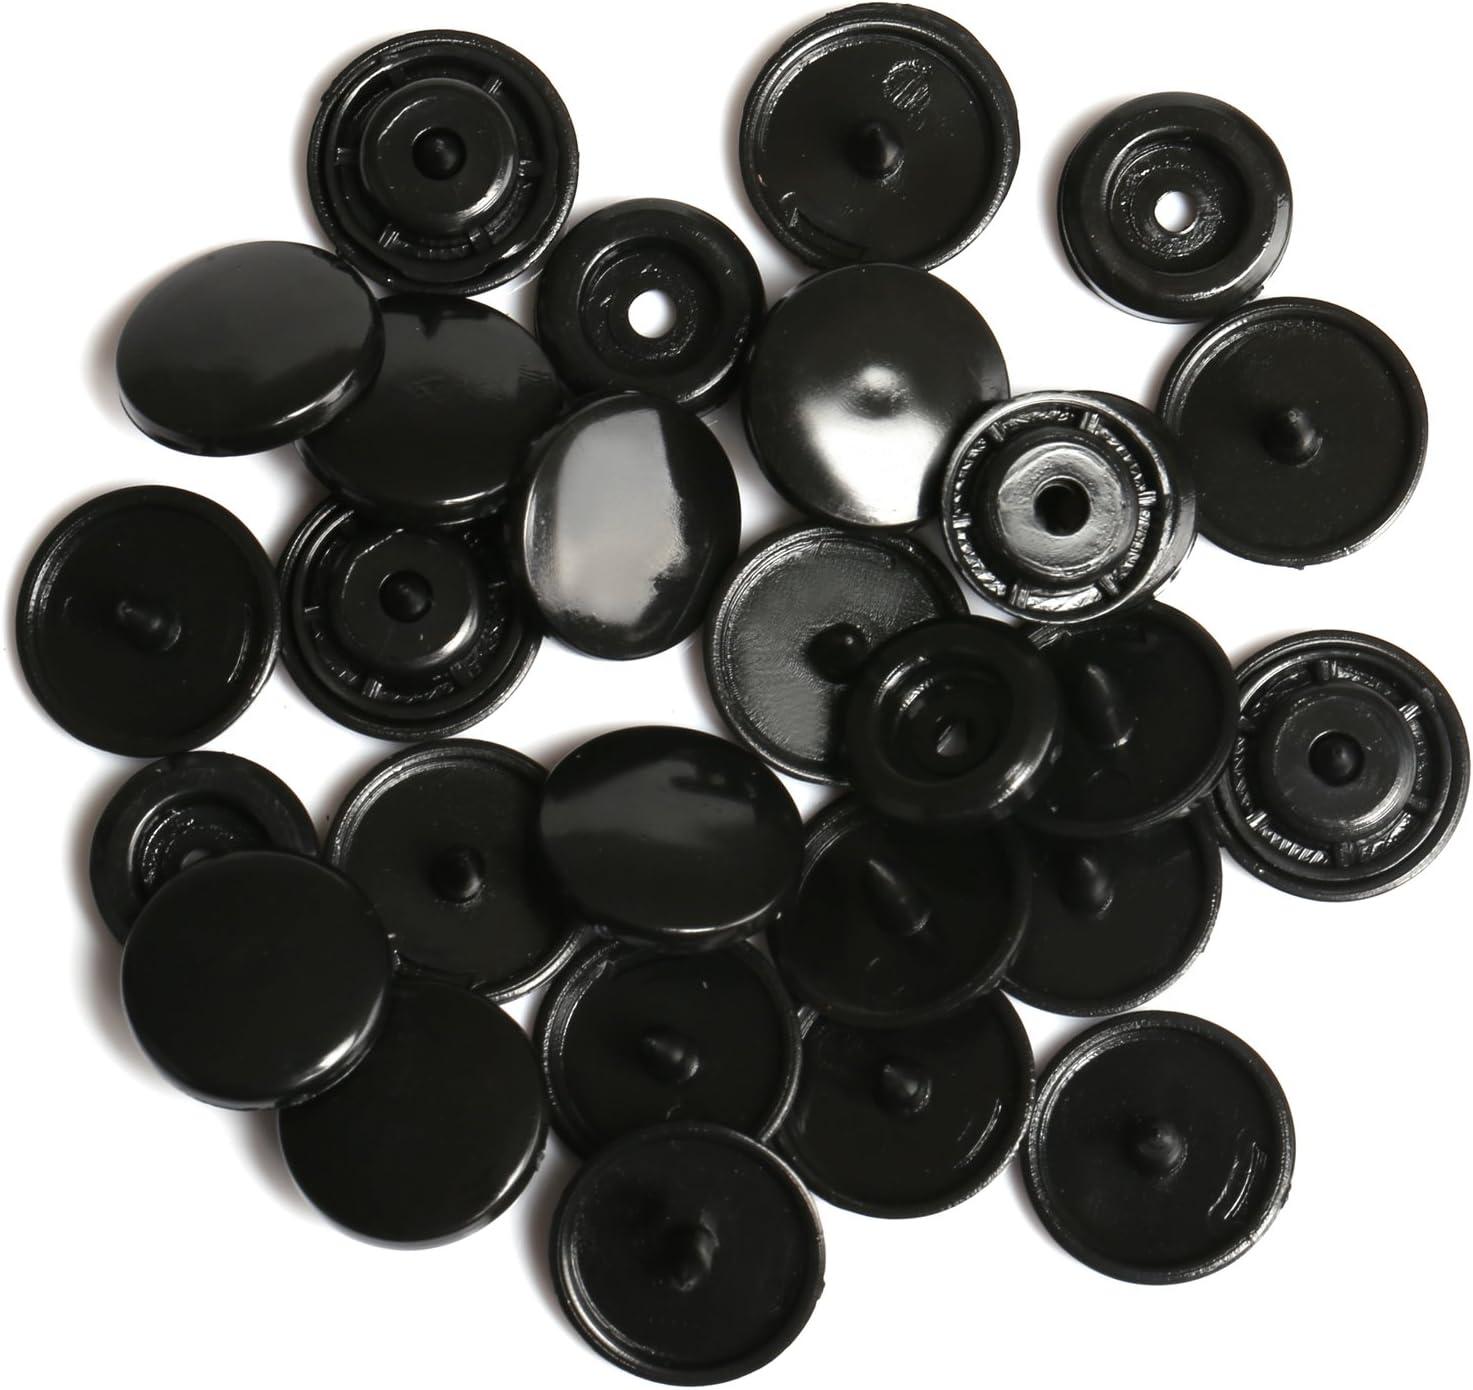 LIHAO Botones Redondos de T5 Plástico para Sujetar y DIY (100 Botones,Negro)